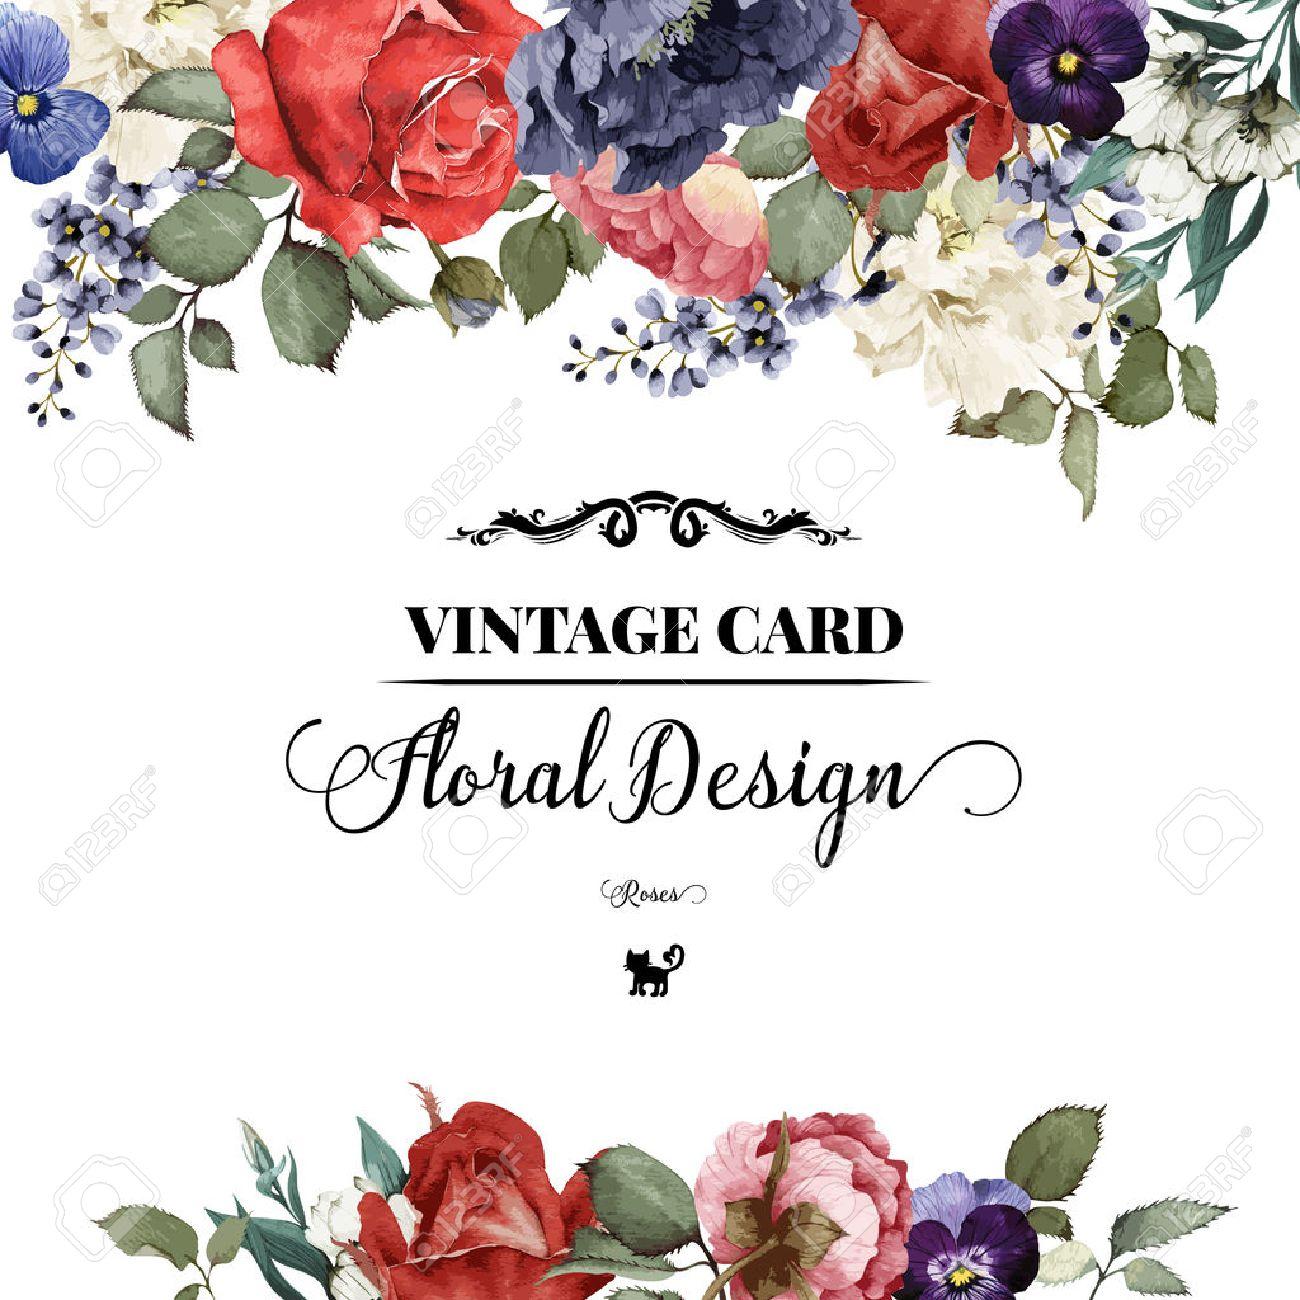 Grußkarte Mit Rosen, Aquarell, Kann Als Einladungskarte Für Hochzeit,  Geburtstag Und Andere Ferien